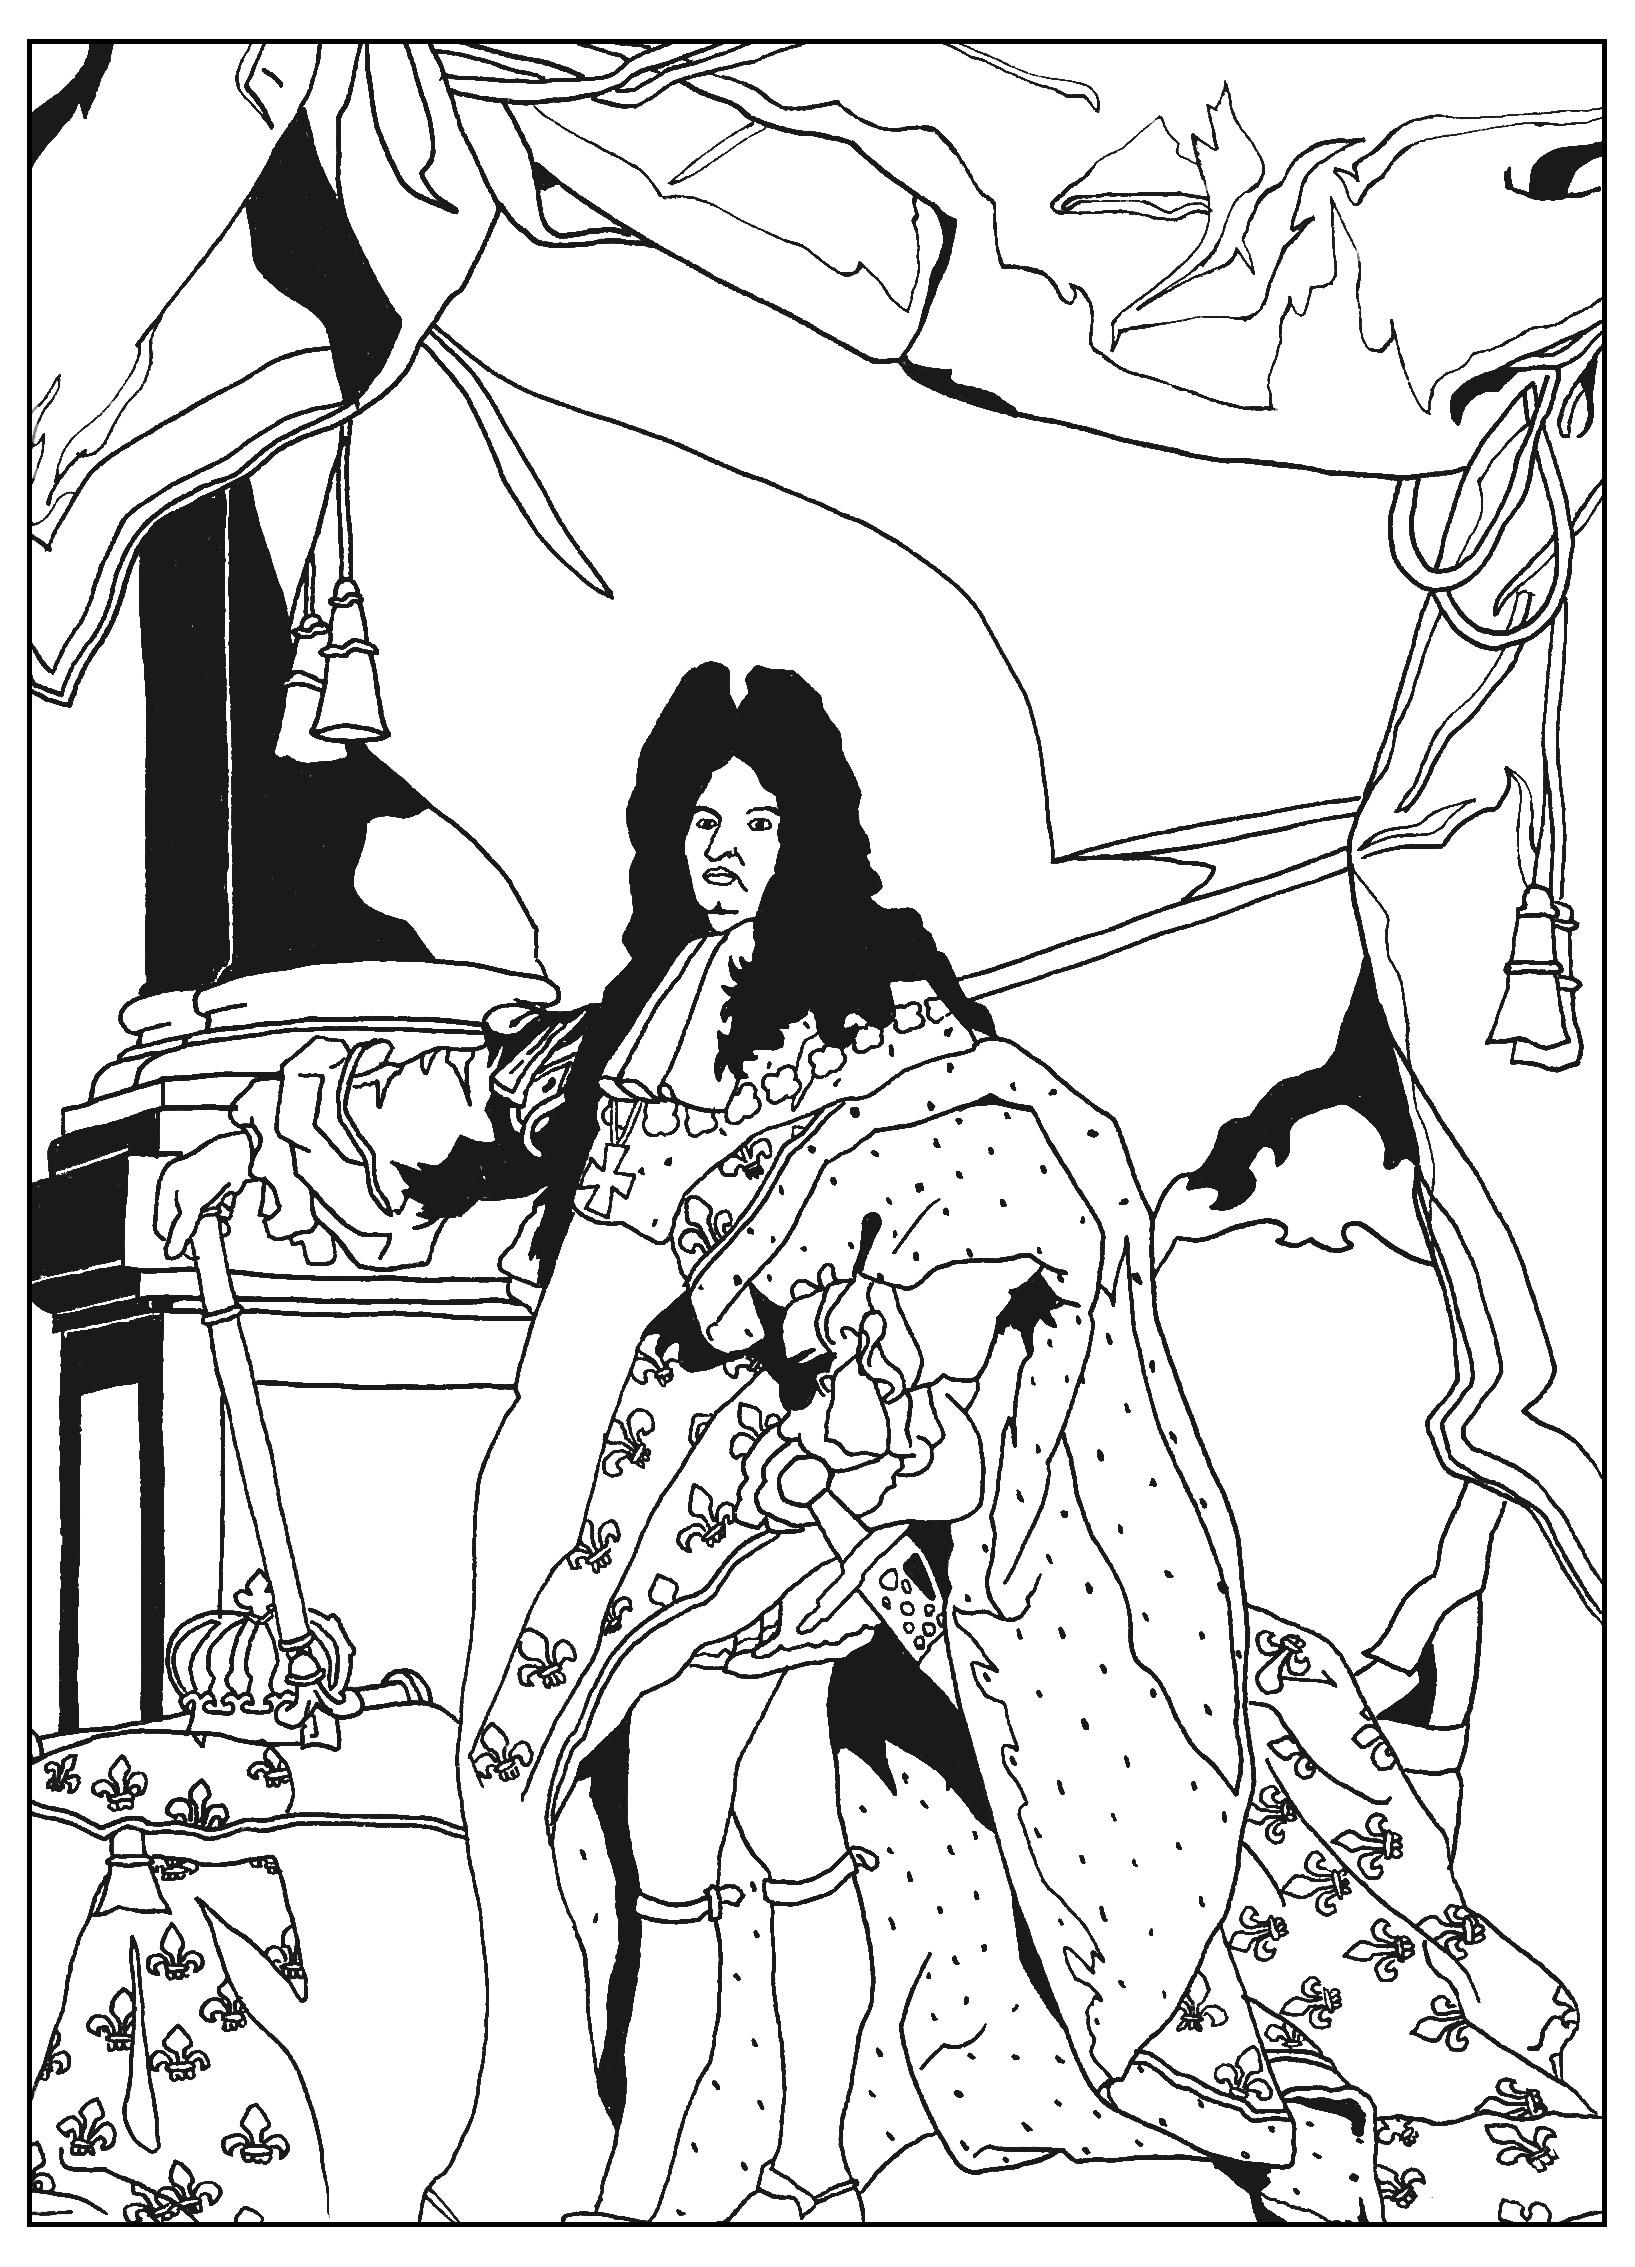 Un coloriage complexe plein de détails représentant le Roi Soleil Louis XIV, tel que peint par Hyacinthe Rigaud en 1701.